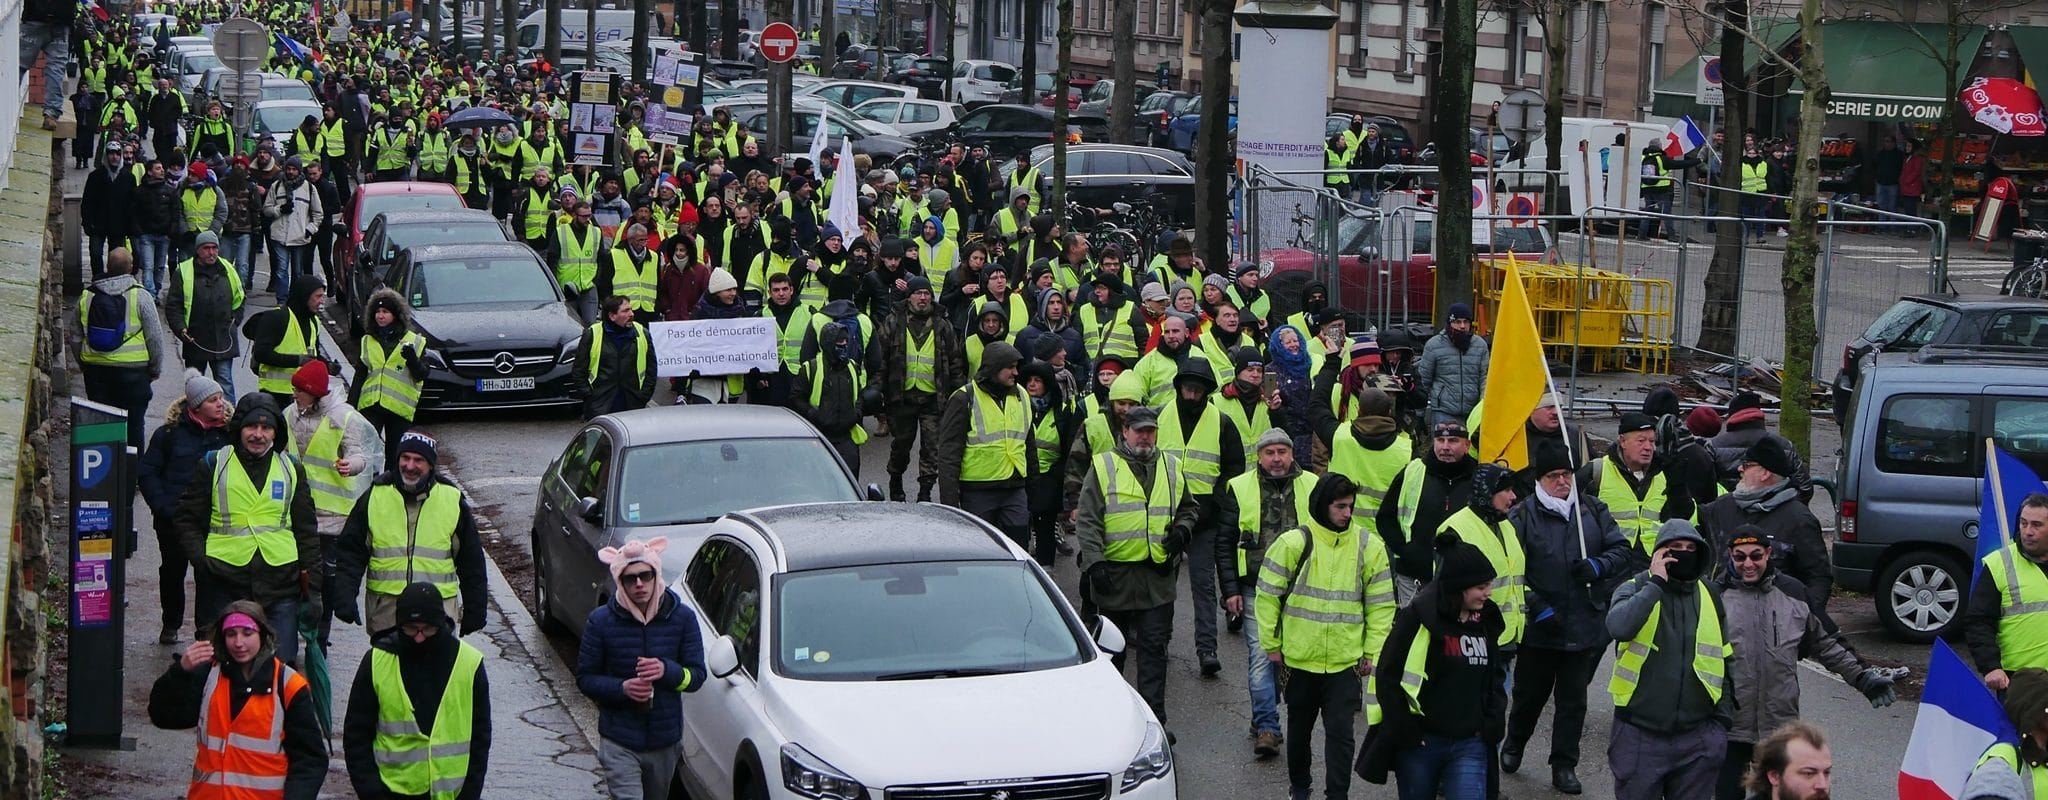 Entre 1500 et 2000 Gilets jaunes à Strasbourg pour «l'acte IX»